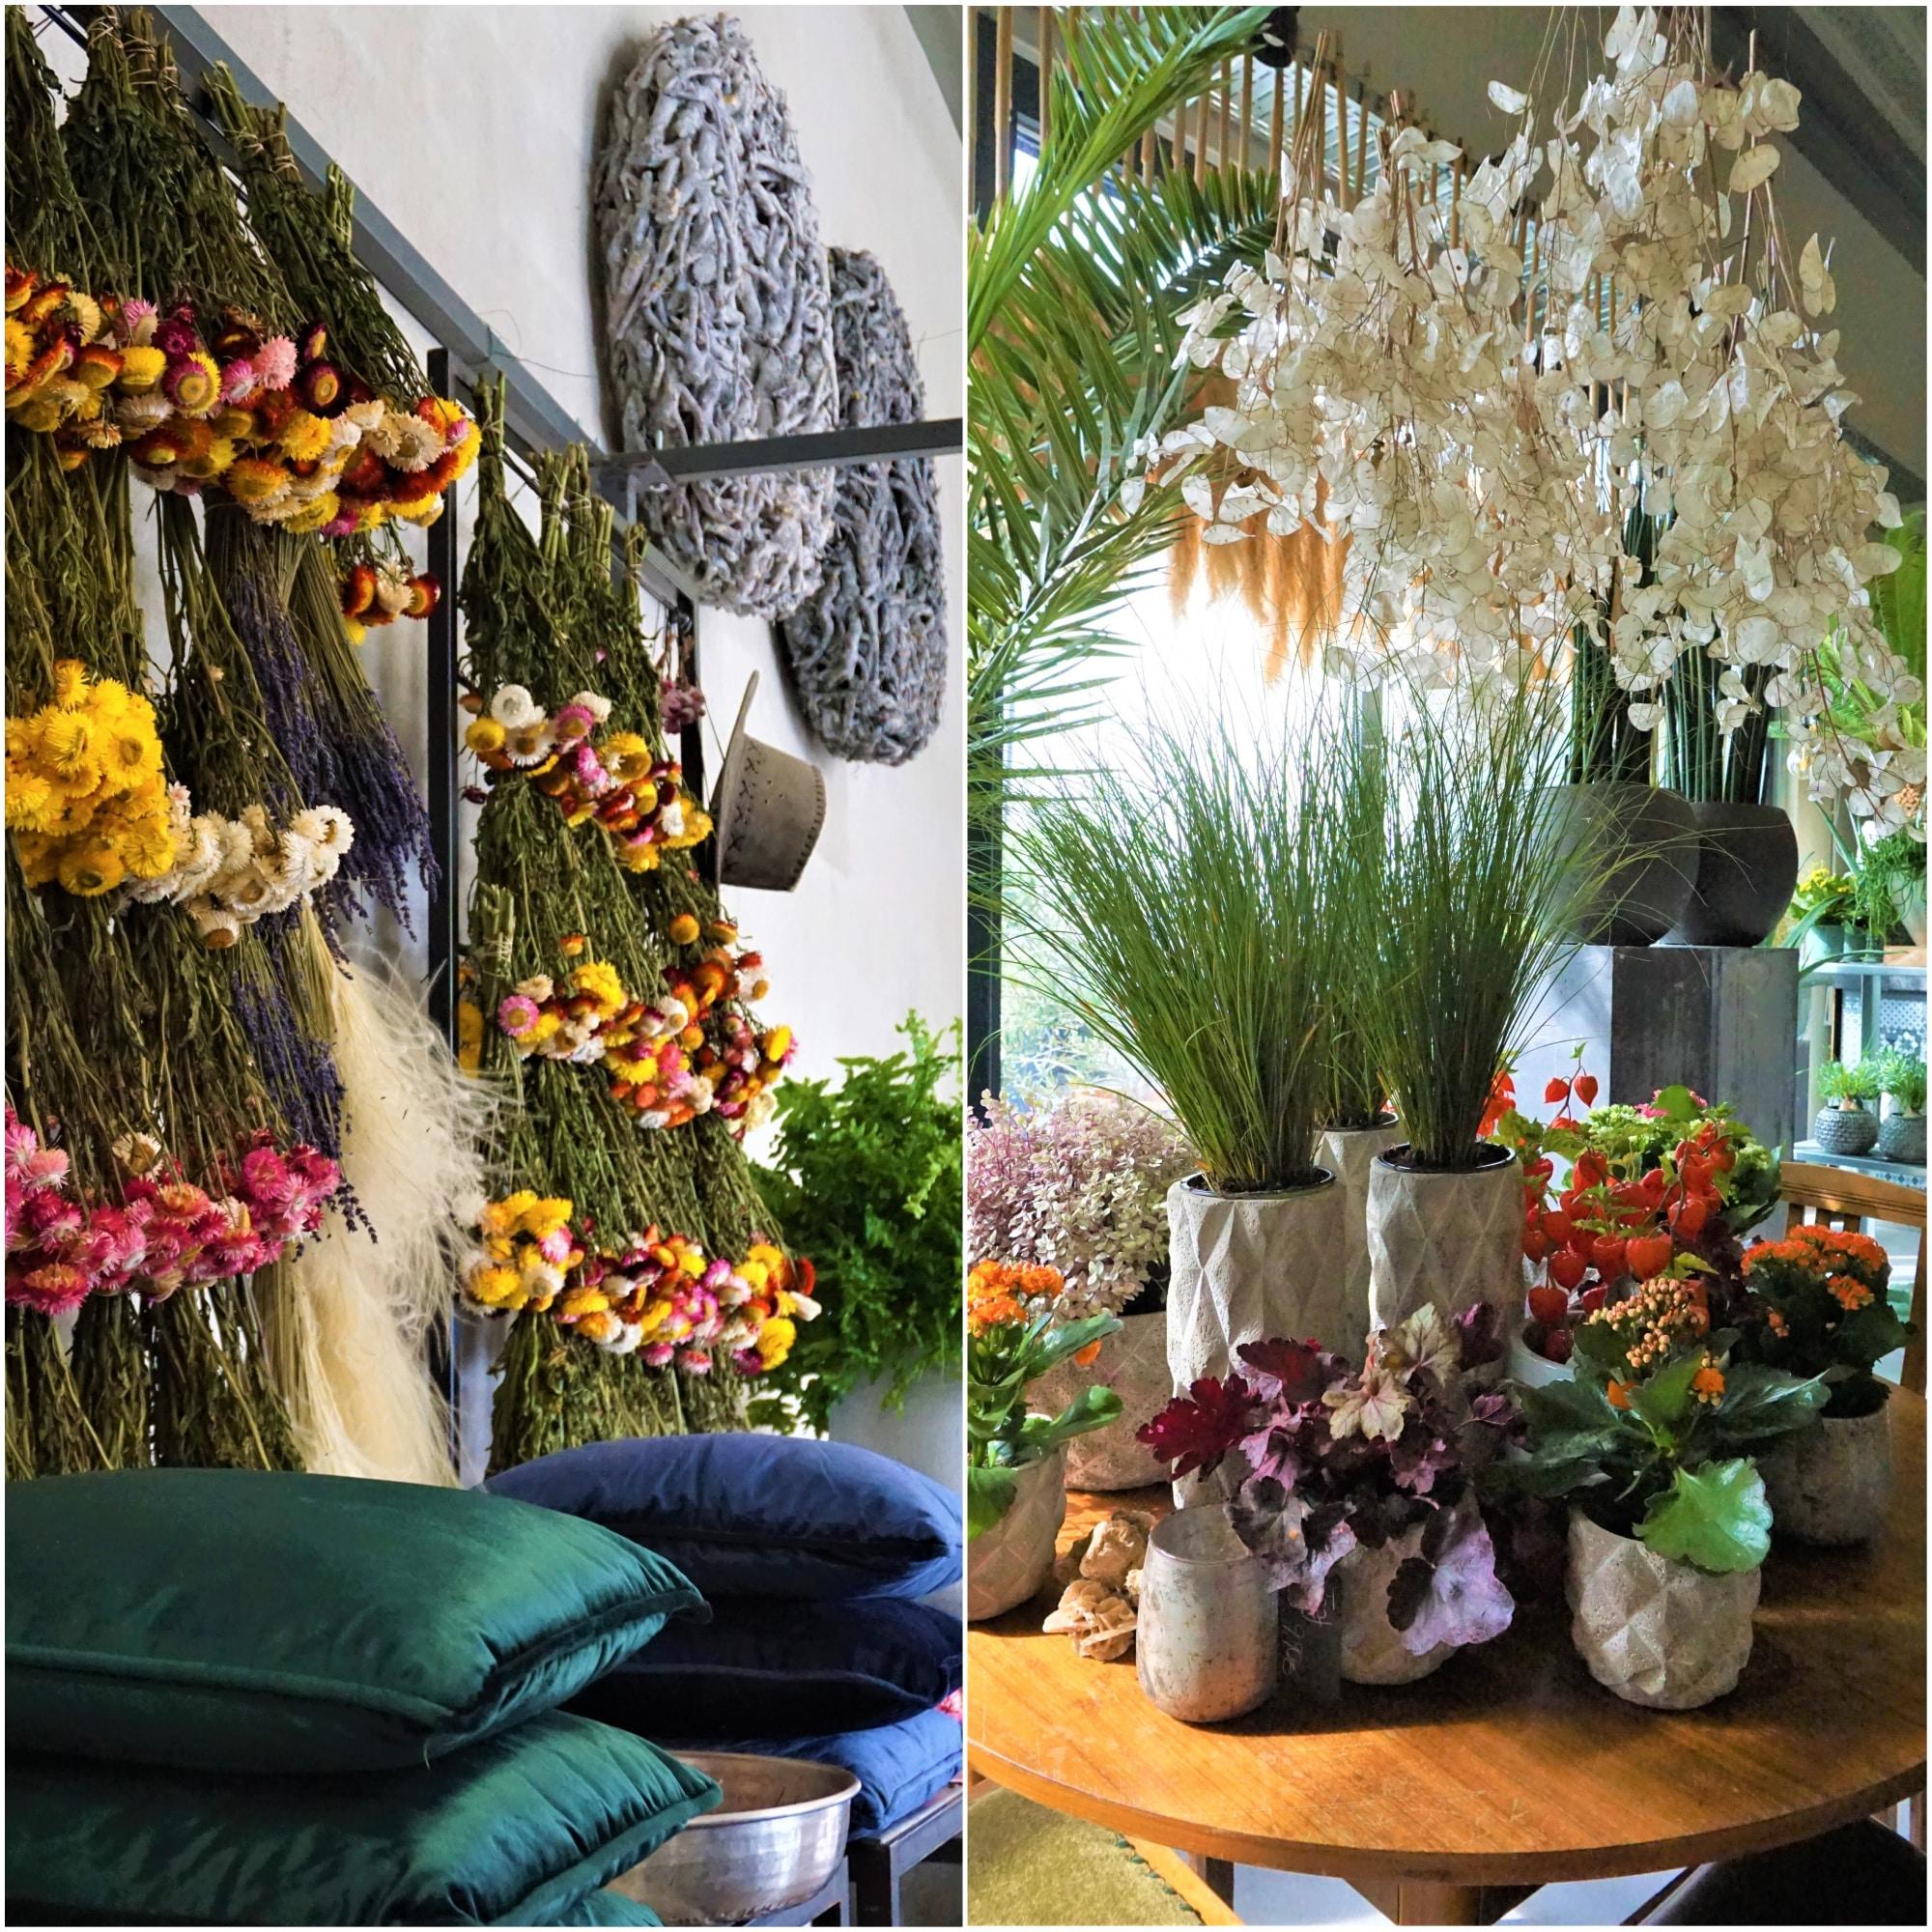 Style Hannover Milles Fleurs Collage 2 - Milles Fleurs - moderne Blumensträuße